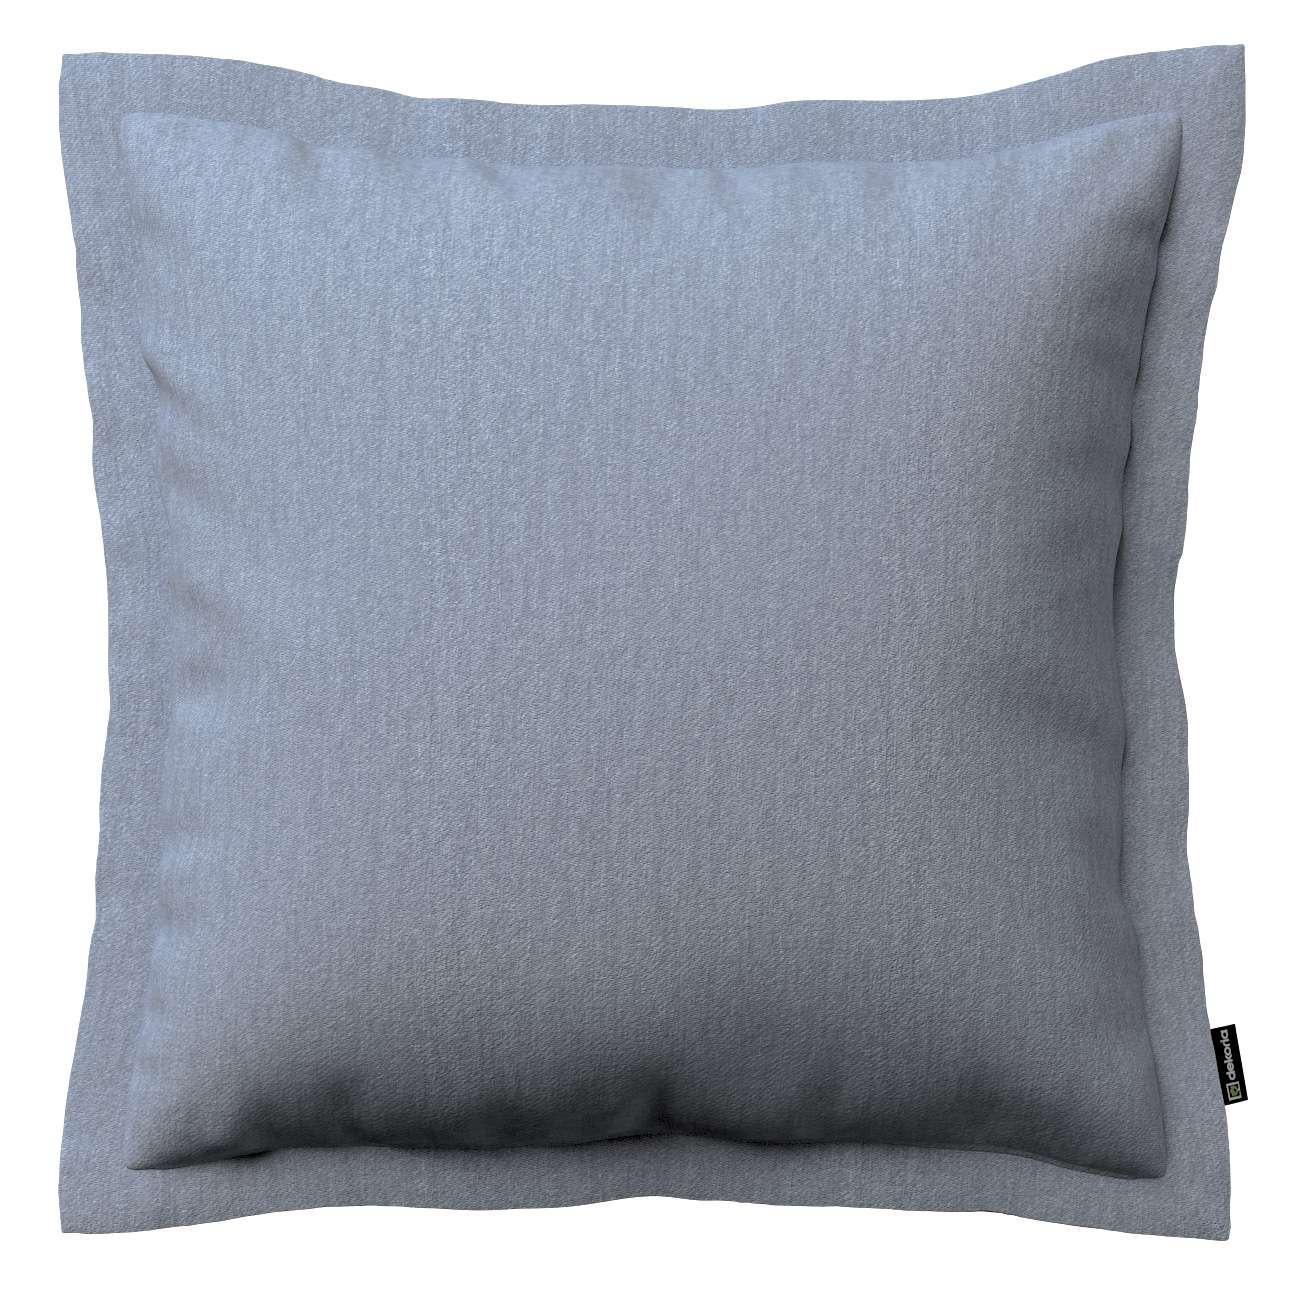 Mona dekoratyvinių pagalvėlių užvalkalas su sienele 38 x 38 cm kolekcijoje Chenille, audinys: 702-13